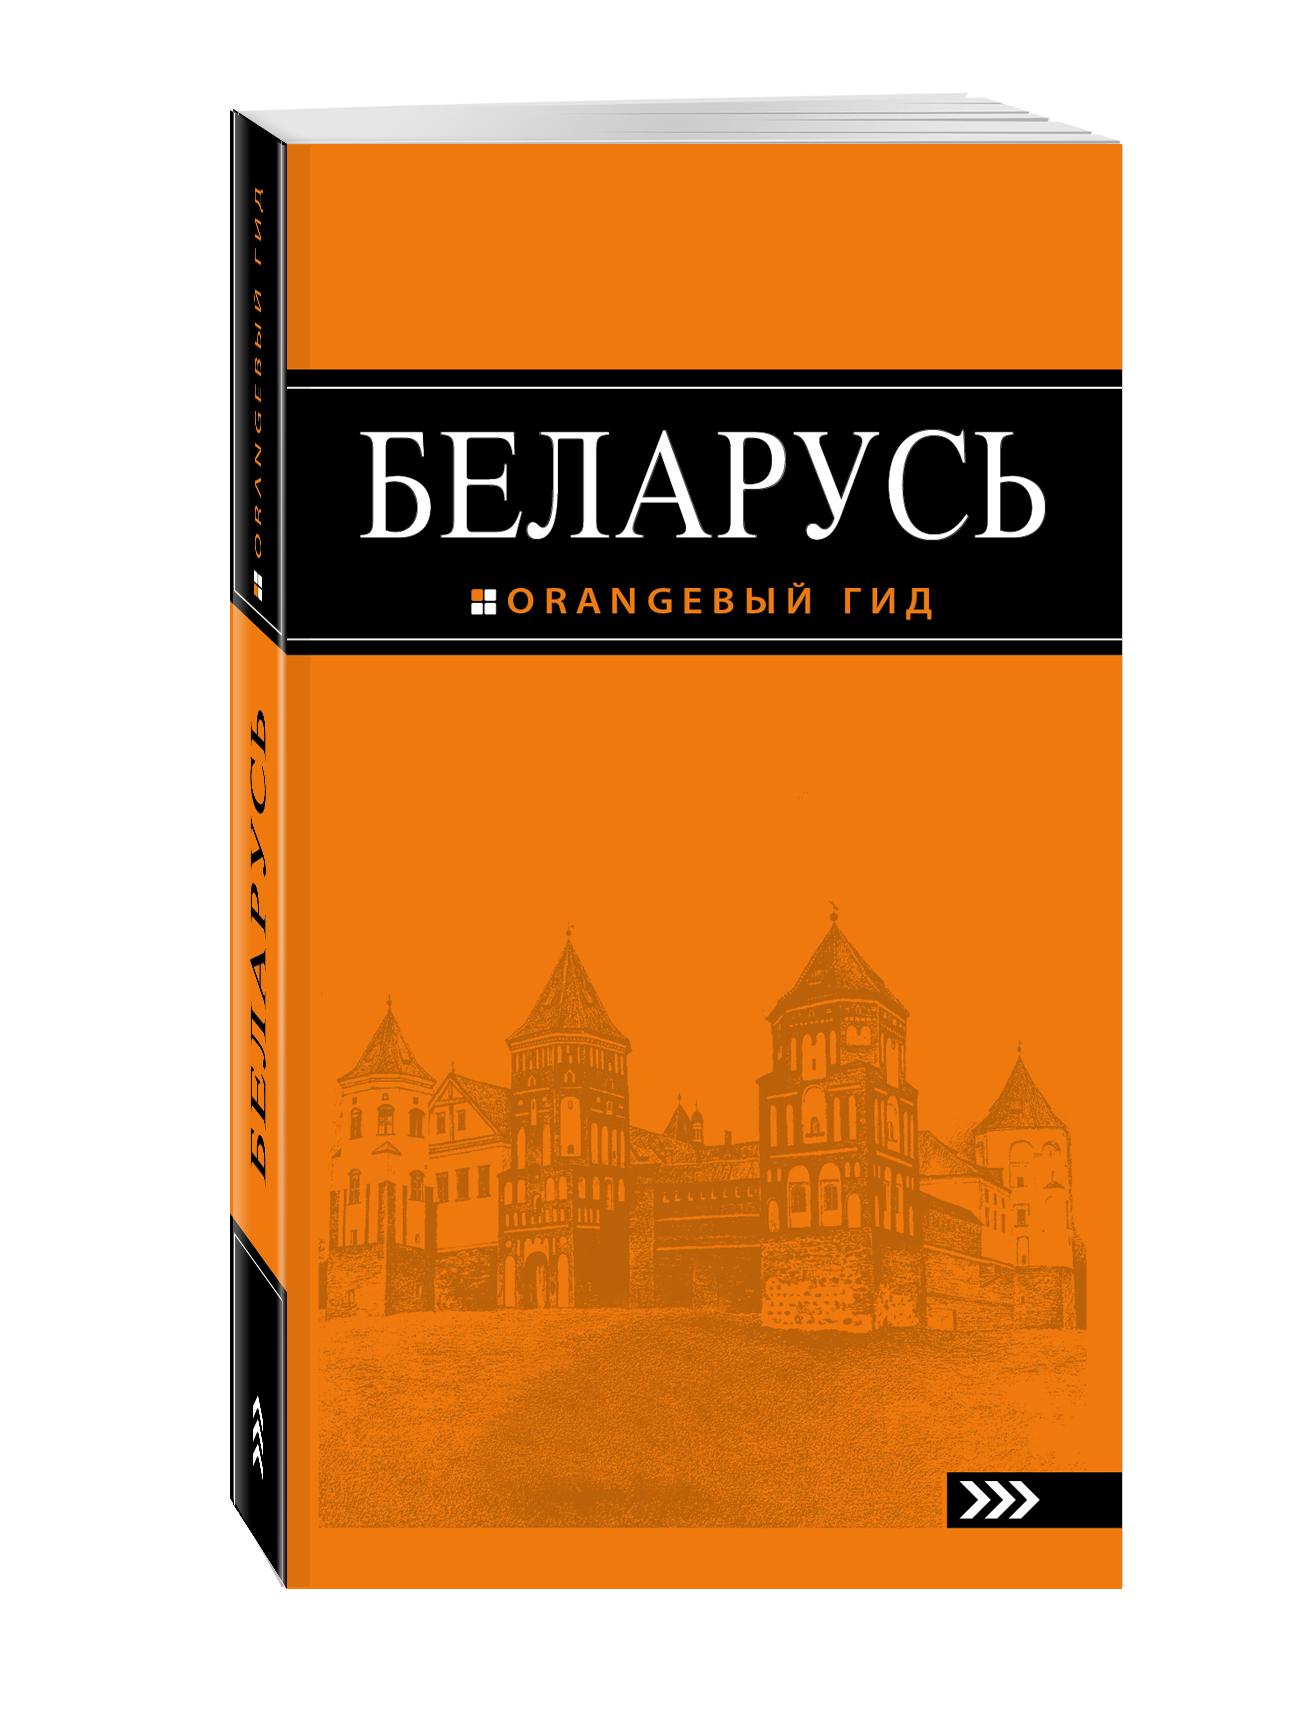 Кирпа С. Беларусь: путеводитель. 3-е изд., испр. и доп. как гельмостоп в беларуси